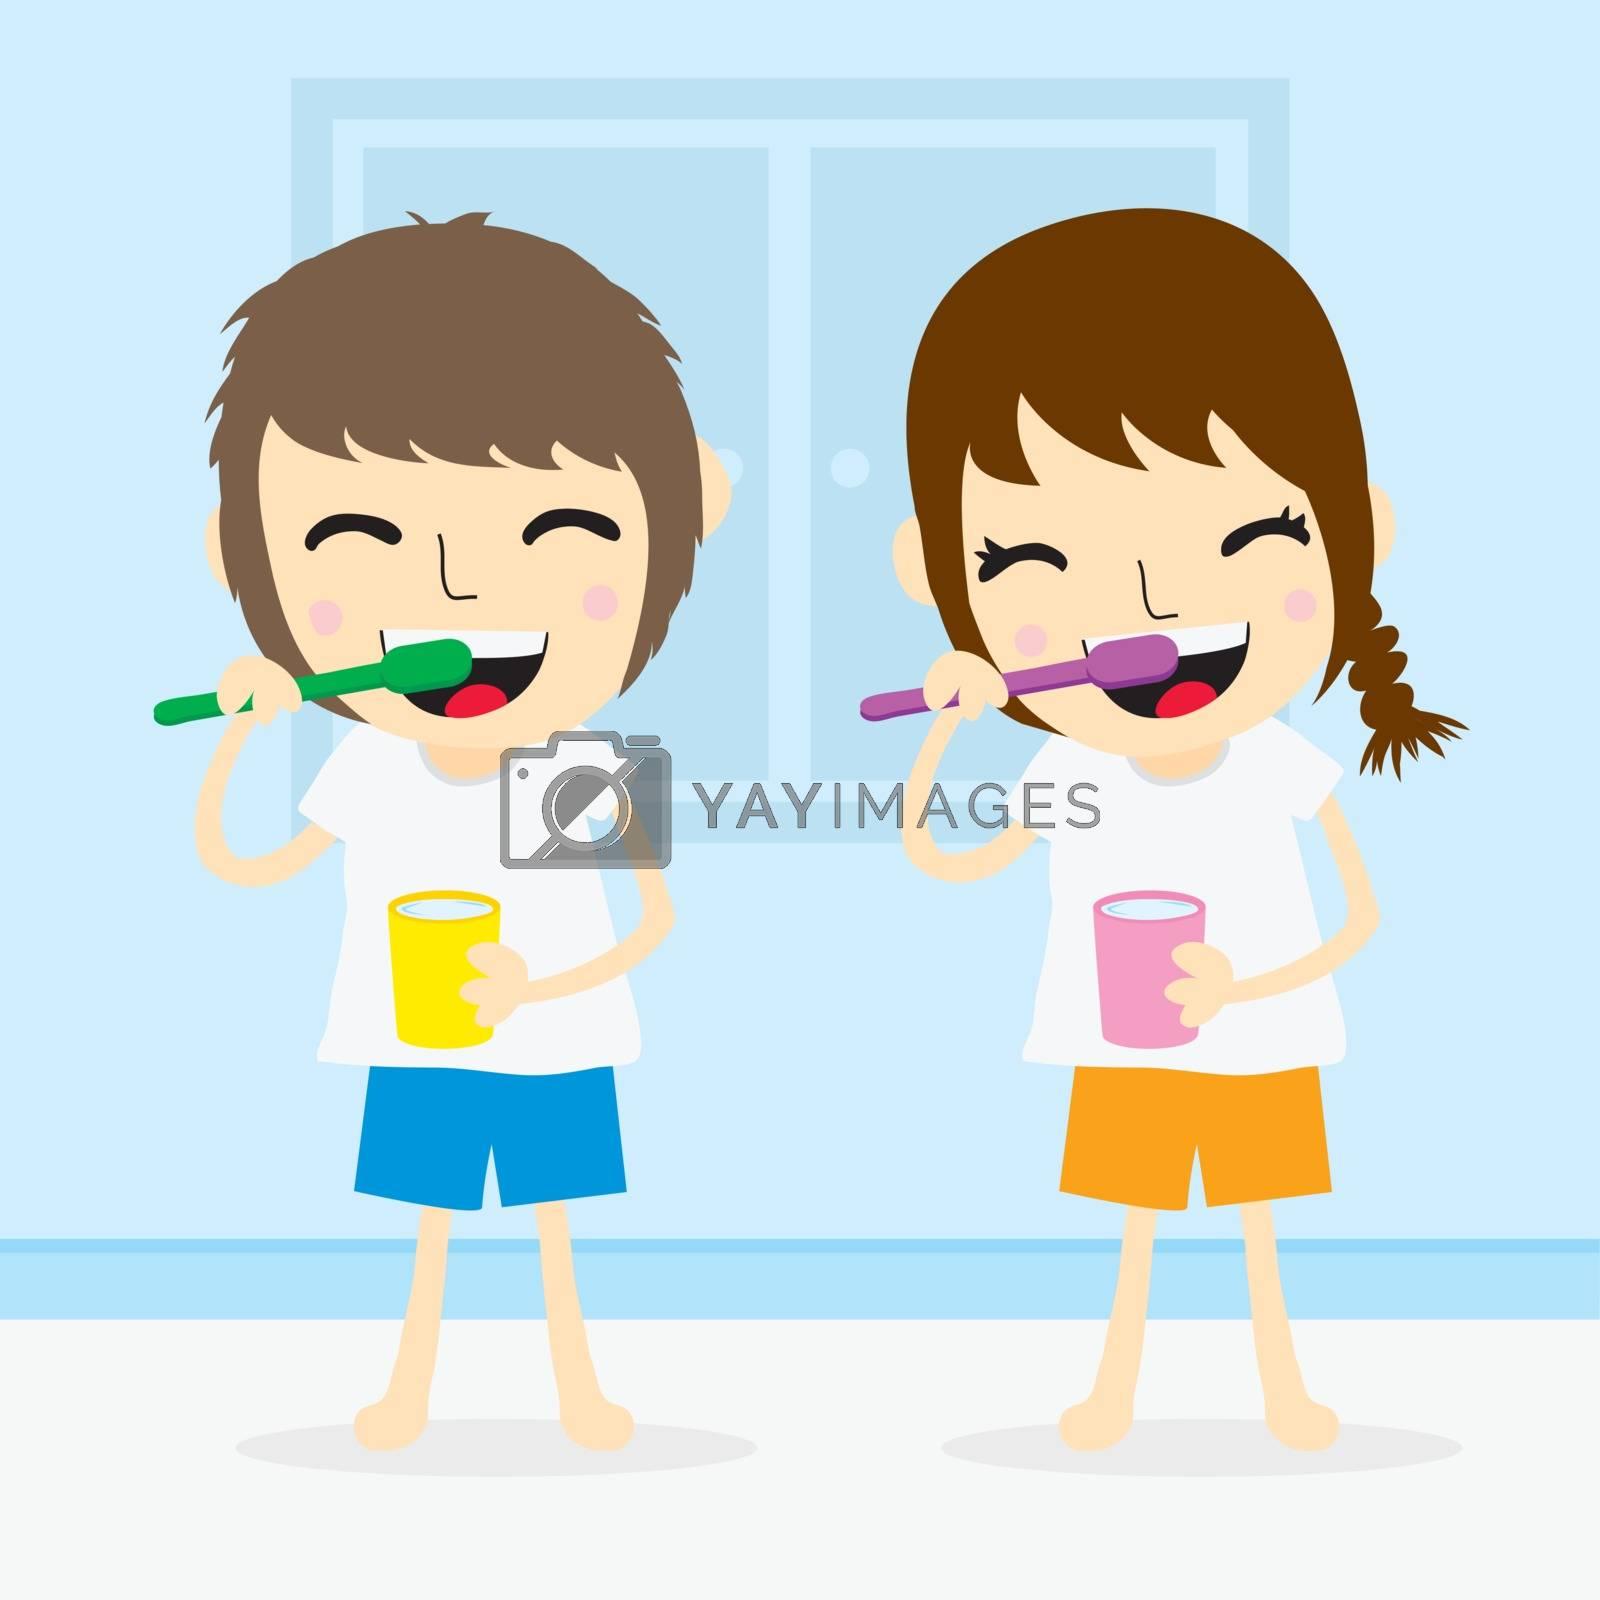 Kid boy and girl brushing teeth cartoon vector